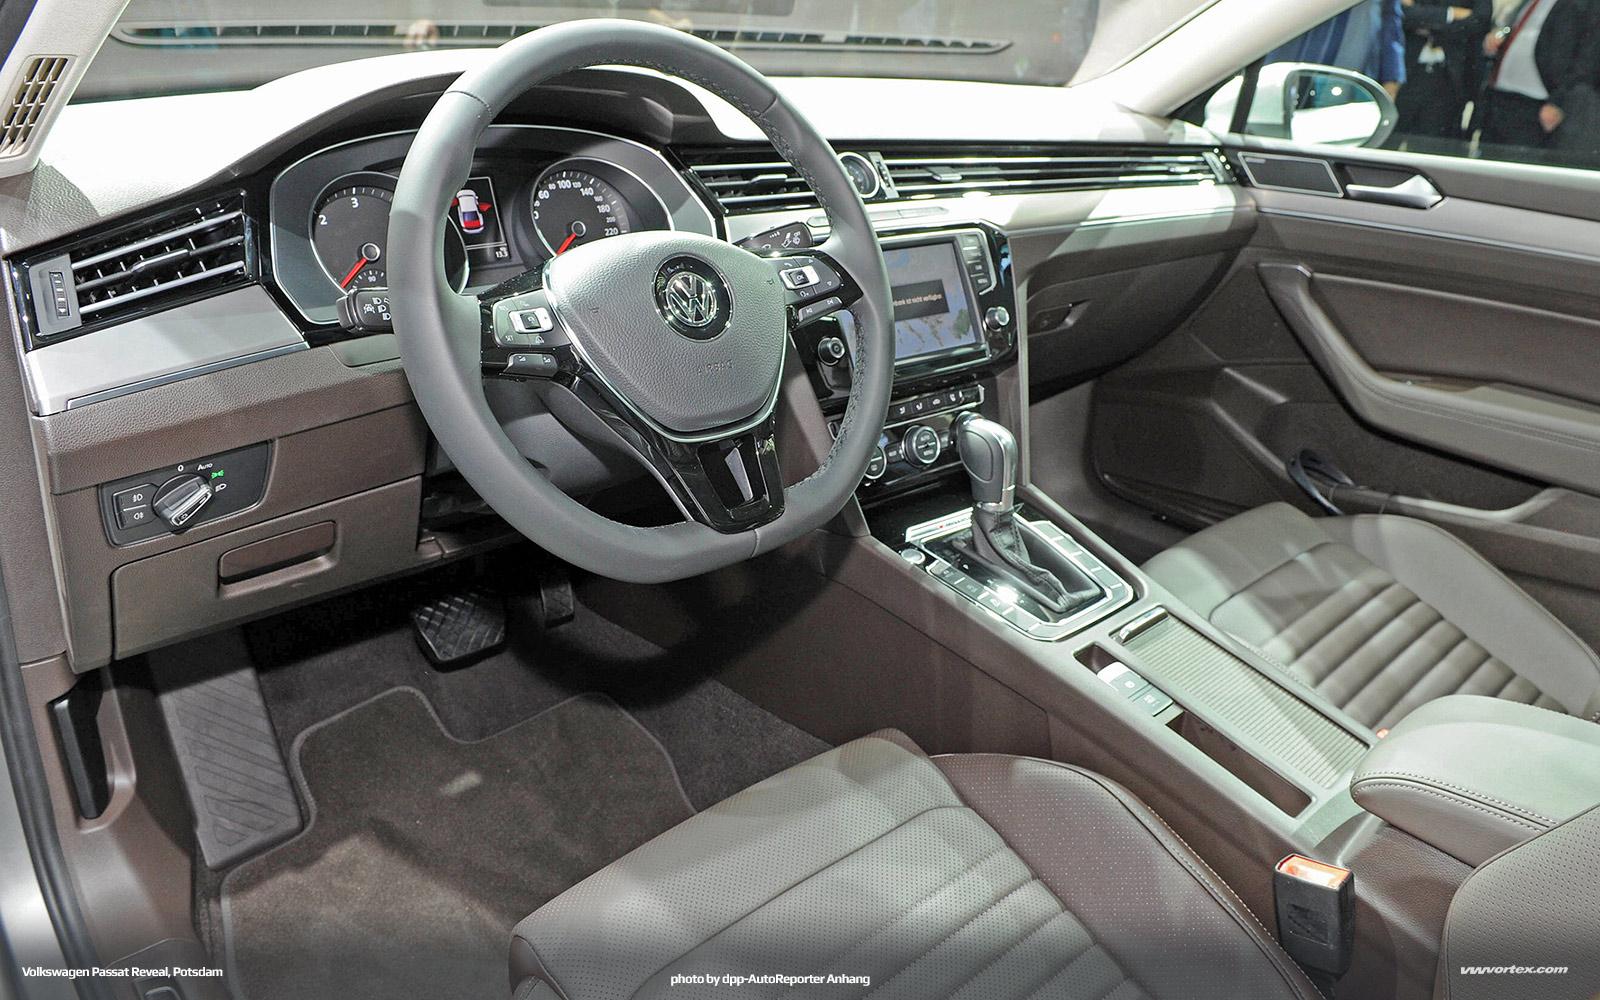 2014-Volkswagen-Passat-VIII-MQB-Reveal-Potsdam-670